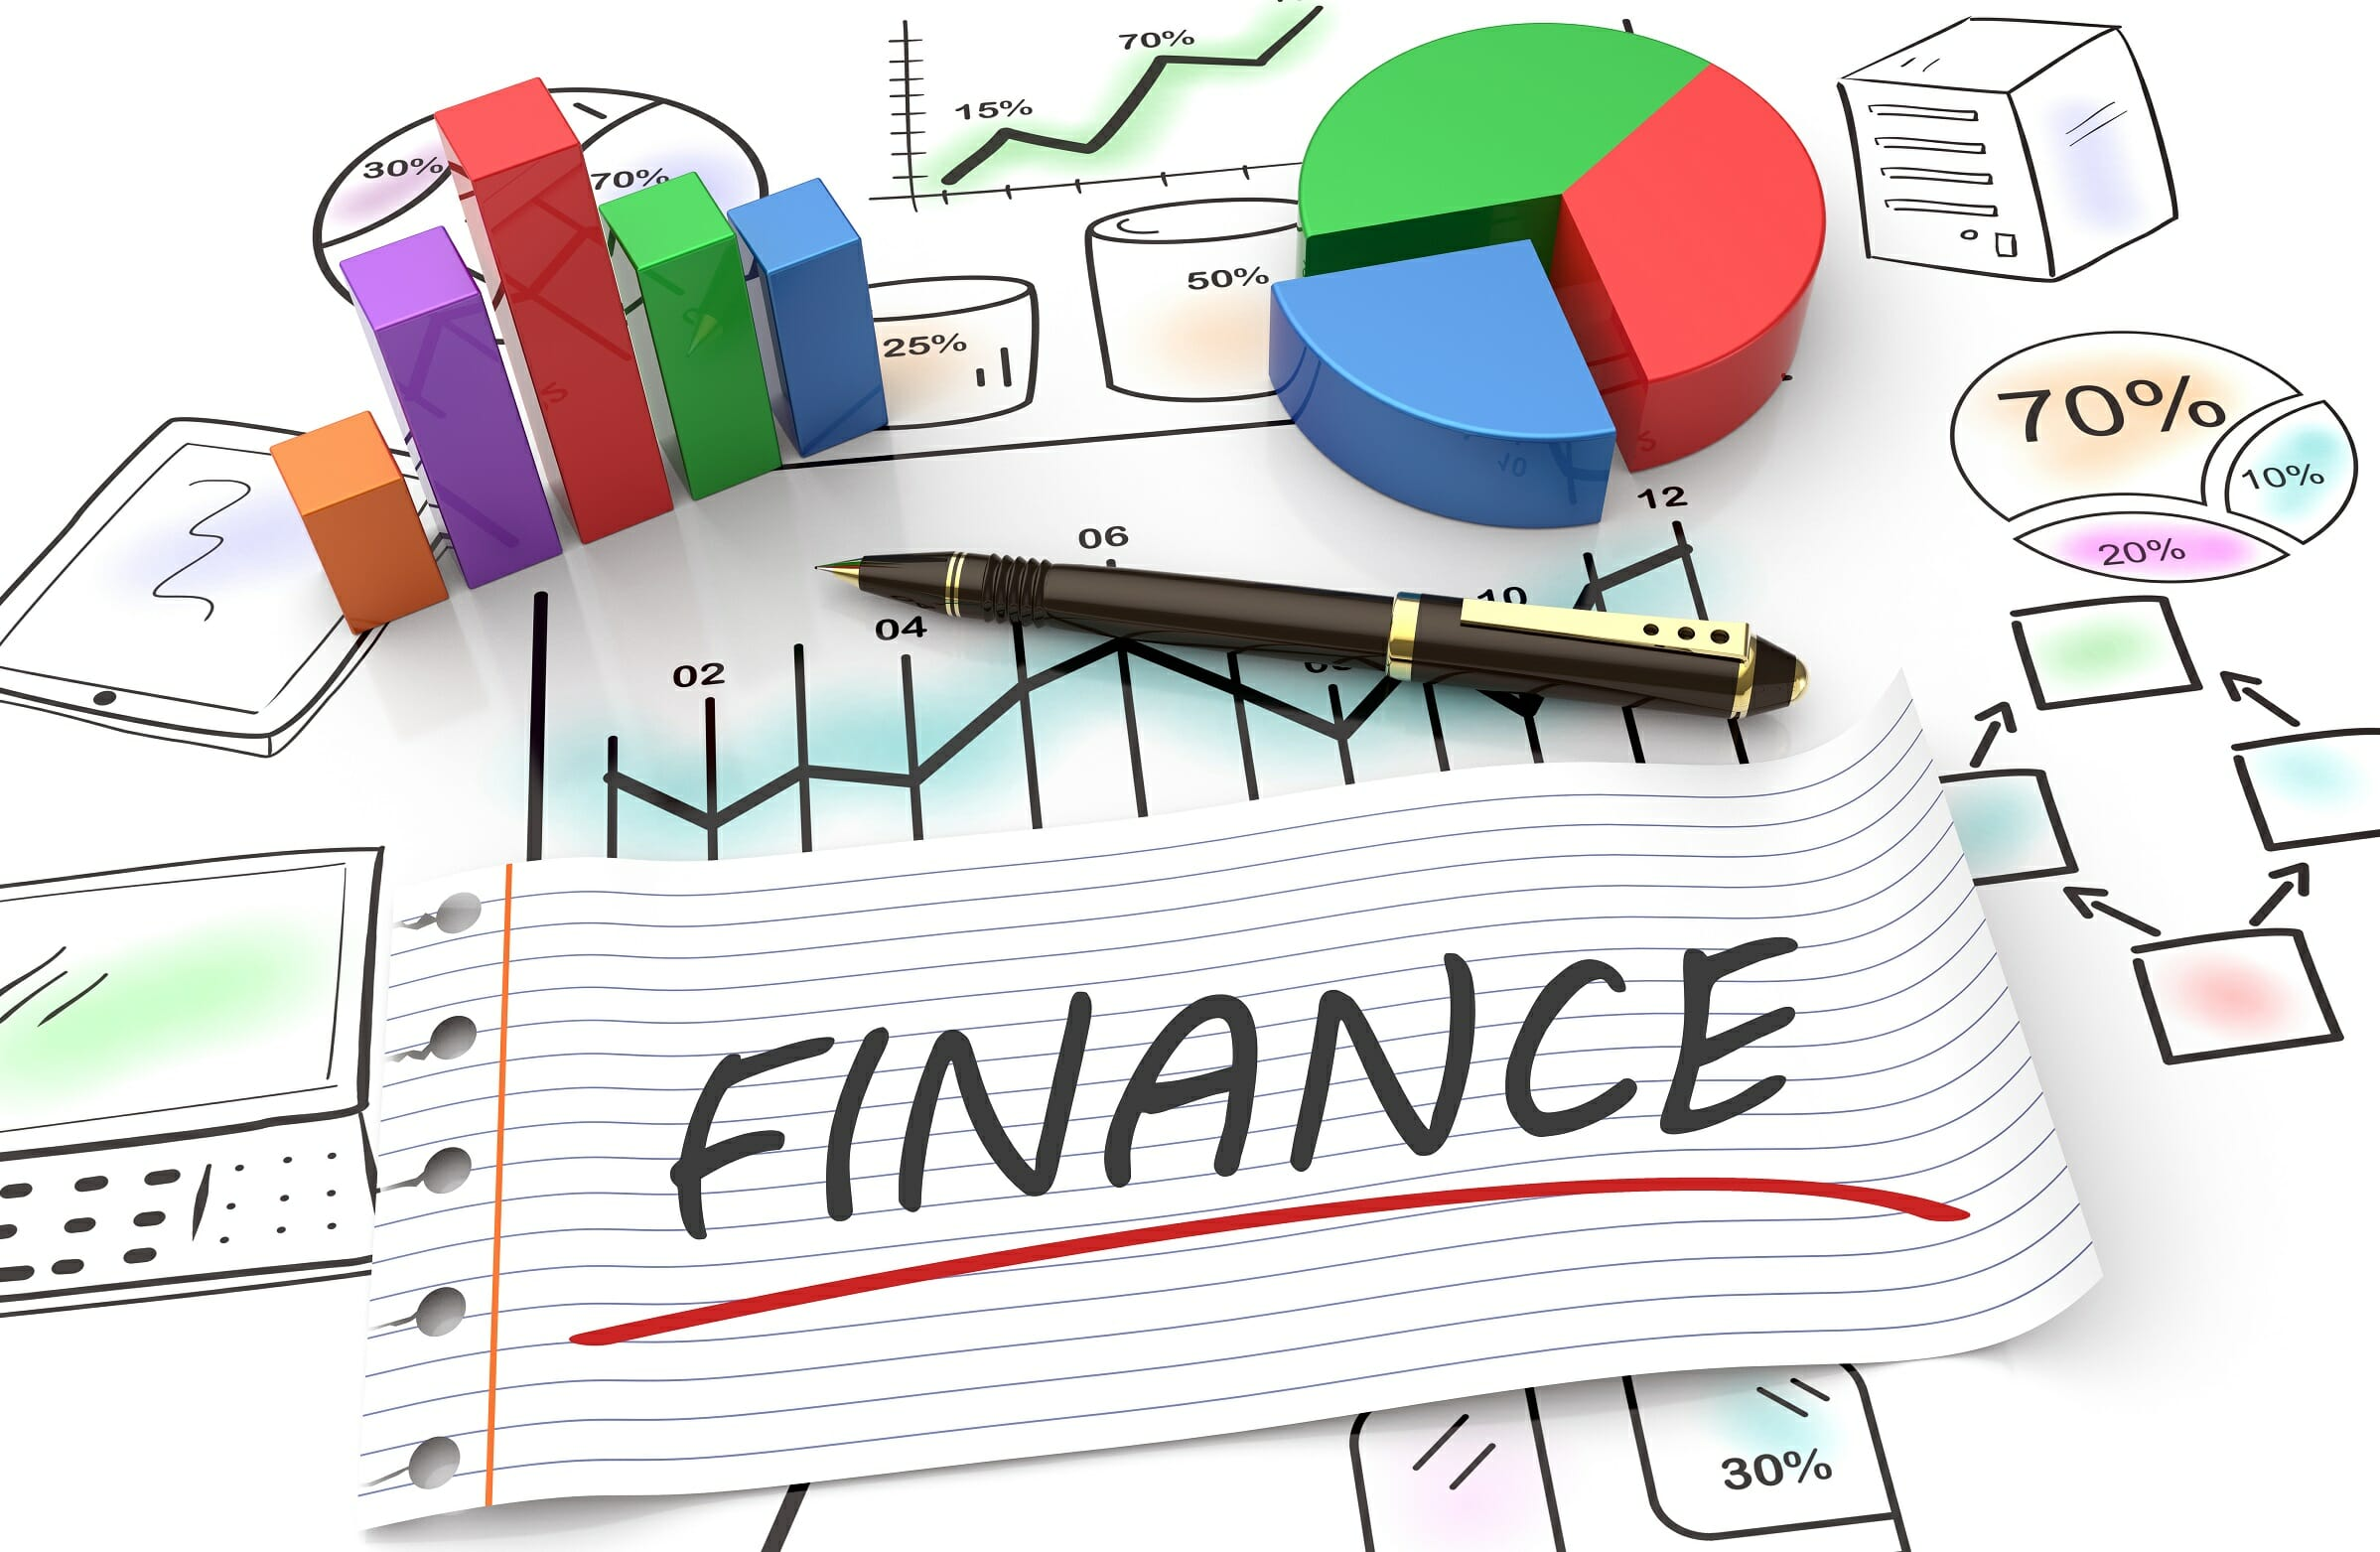 توجد عدة شواغر لدى شركة تمويل في قسم الادارة برواتب مجزية